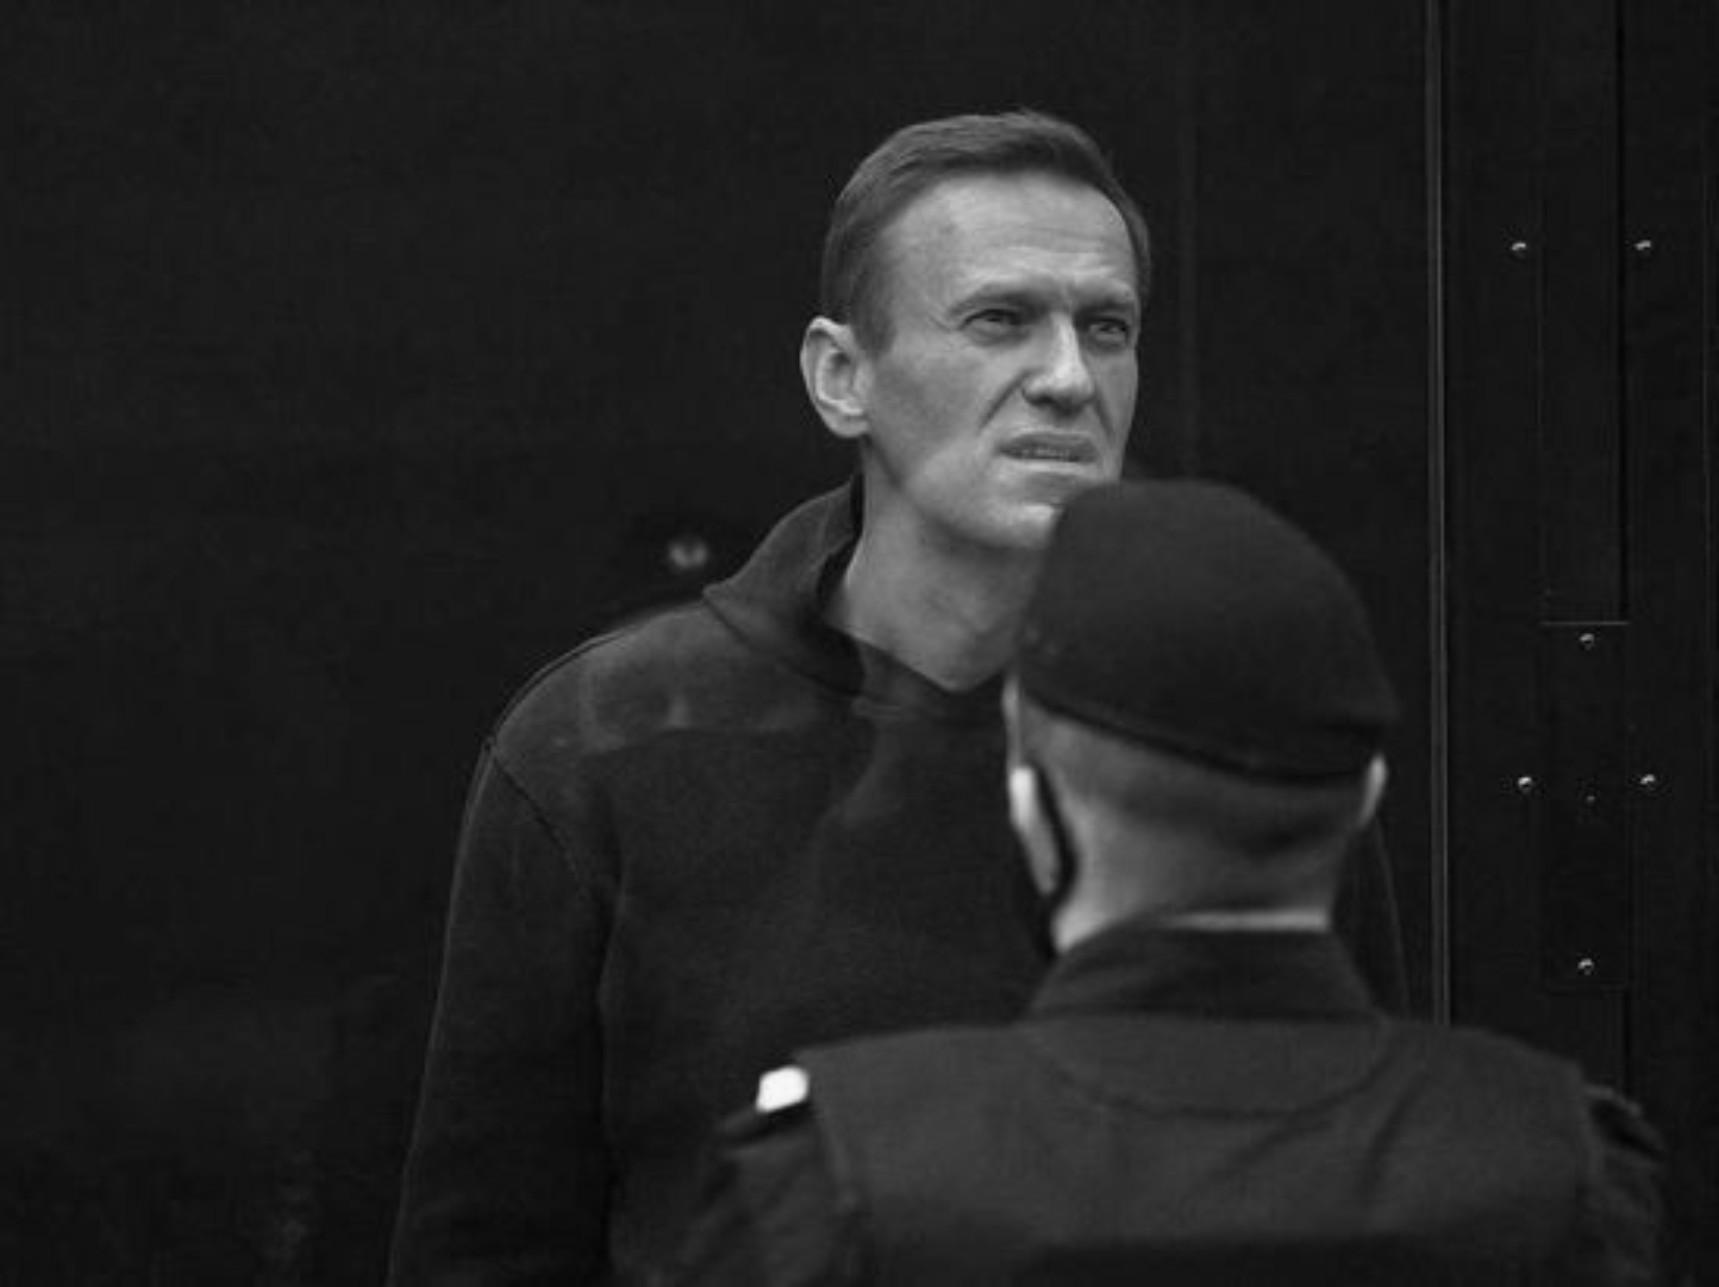 Во всей стране провалилась акция с фонариками в поддержку Навального